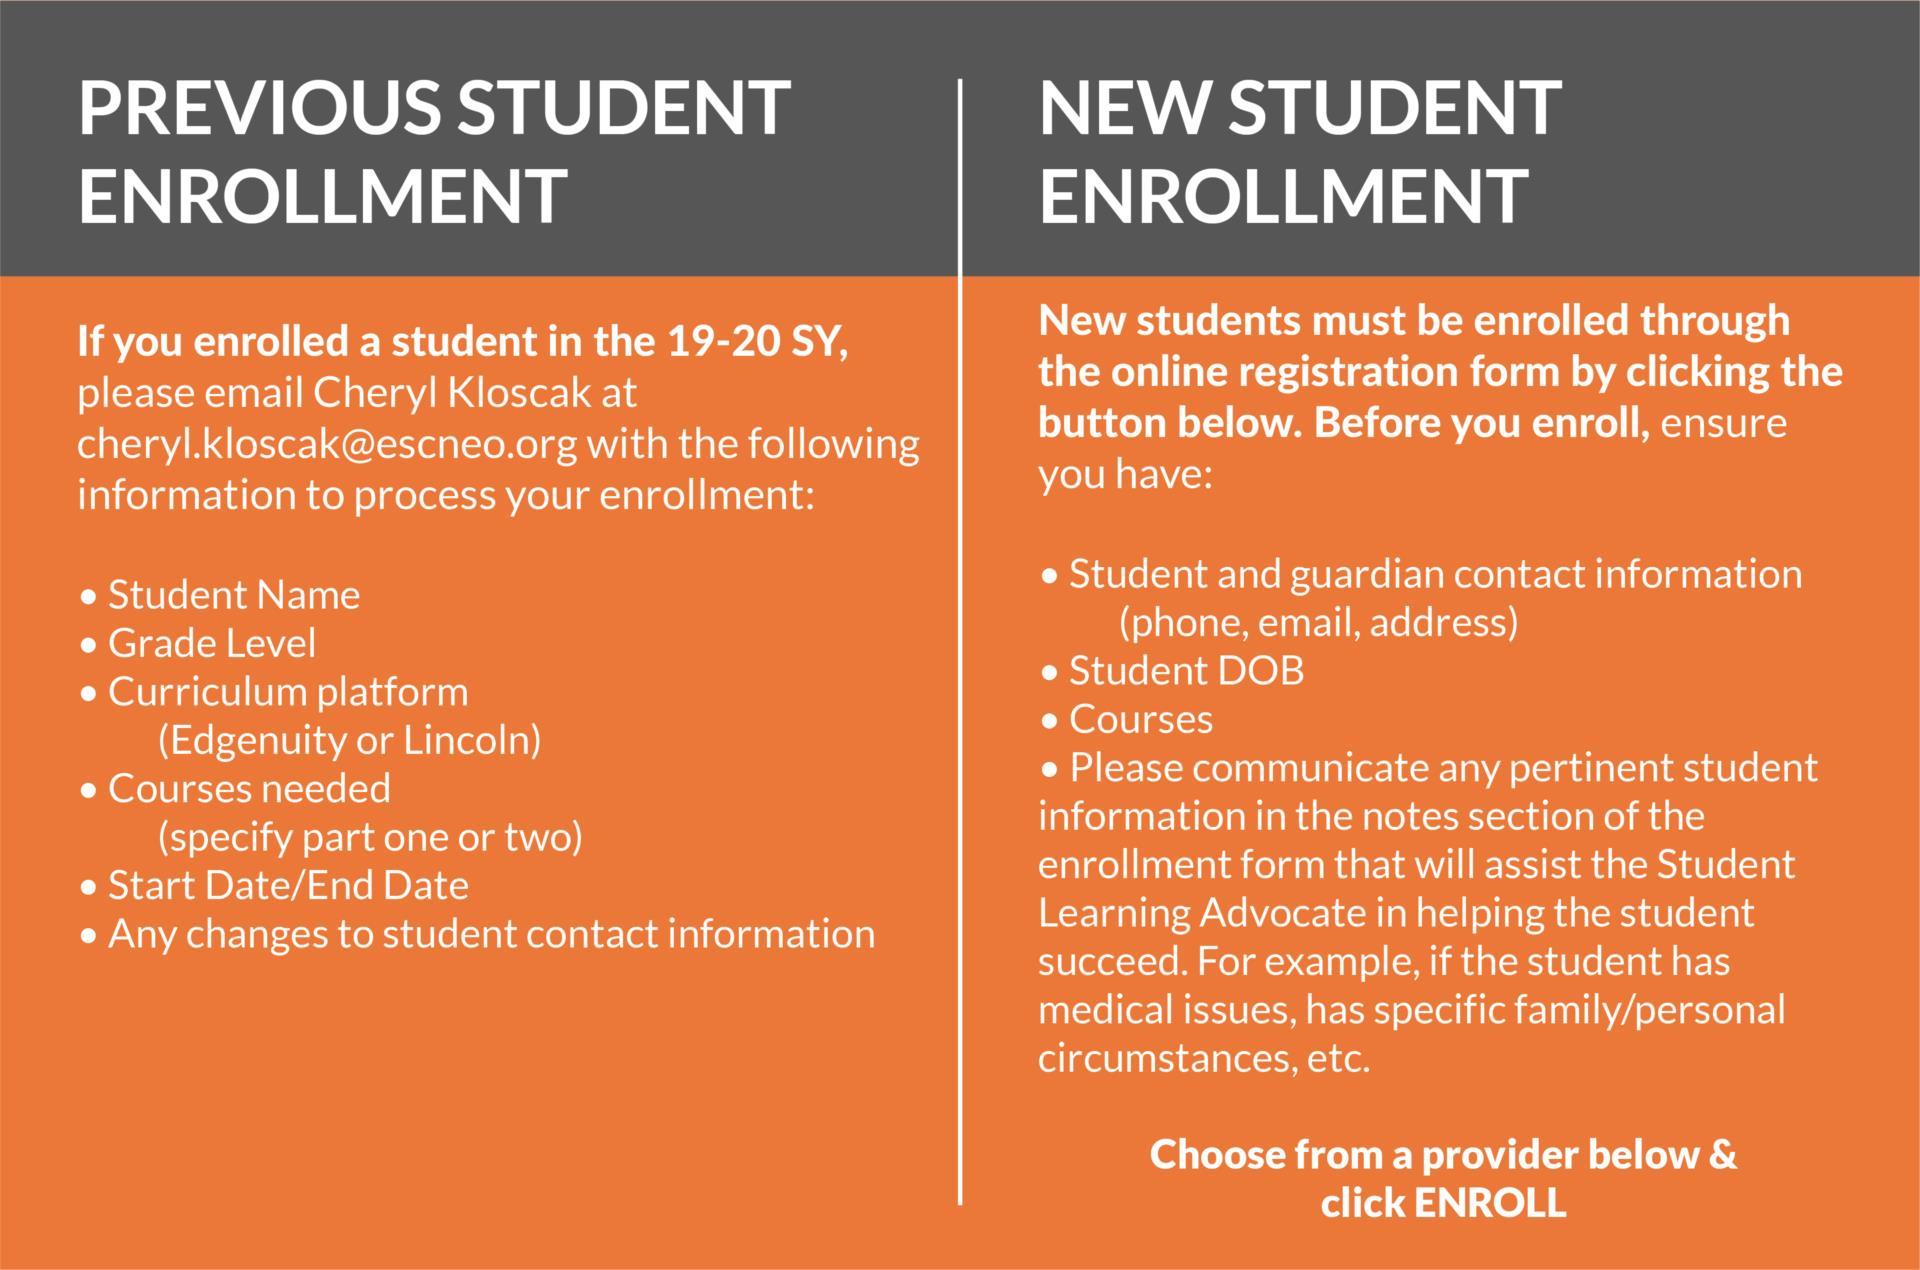 Student Enrollment information